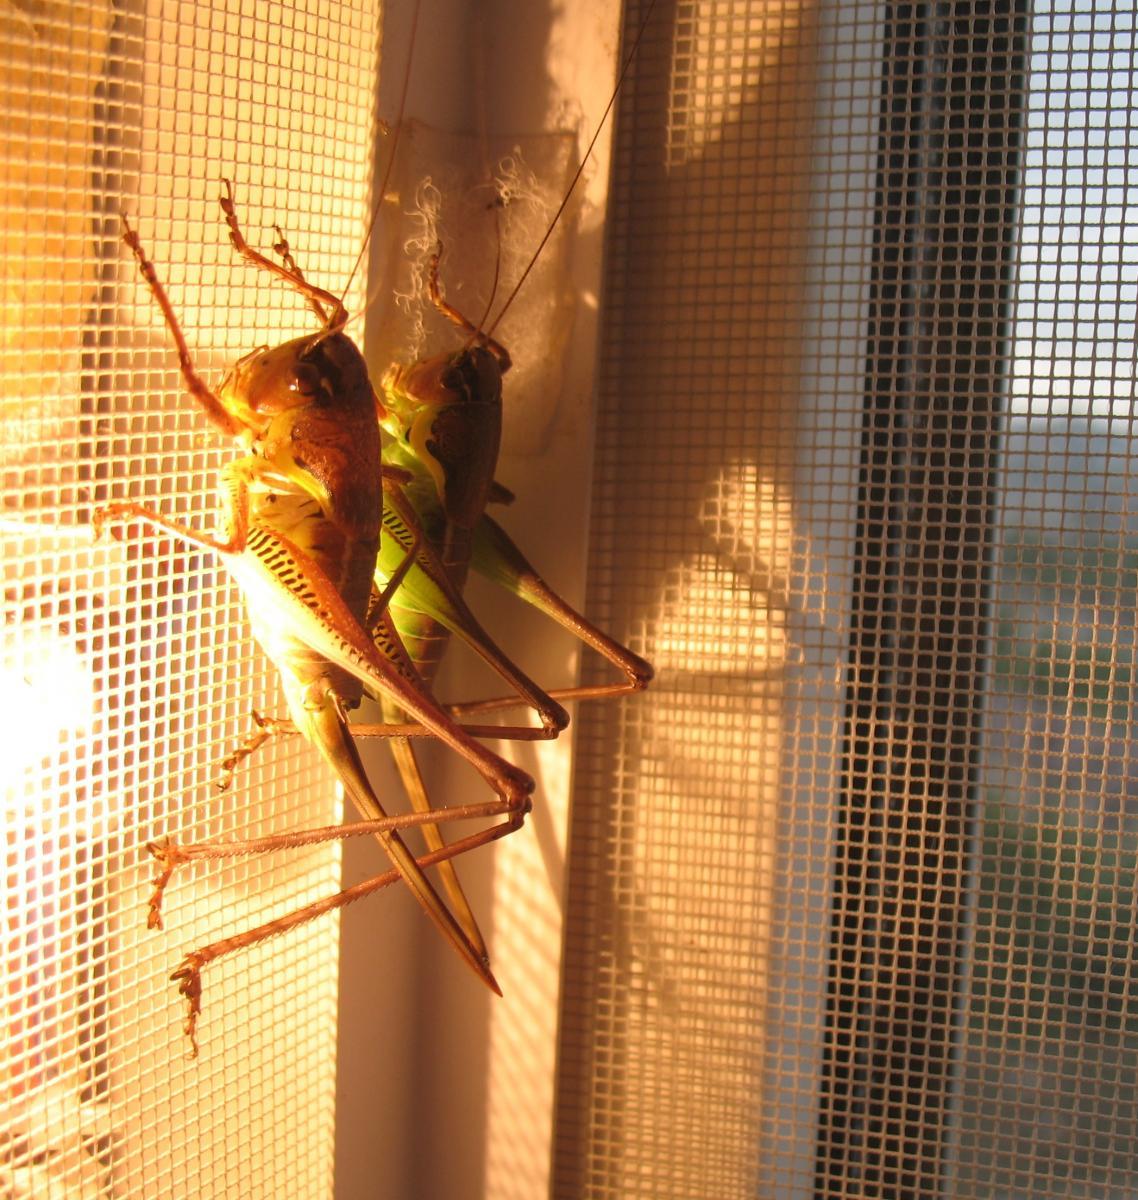 IMG_0799_Parapholidoptera_antaliae_imago__nymph.jpg - кликните, чтобы открыть увеличенную картинку